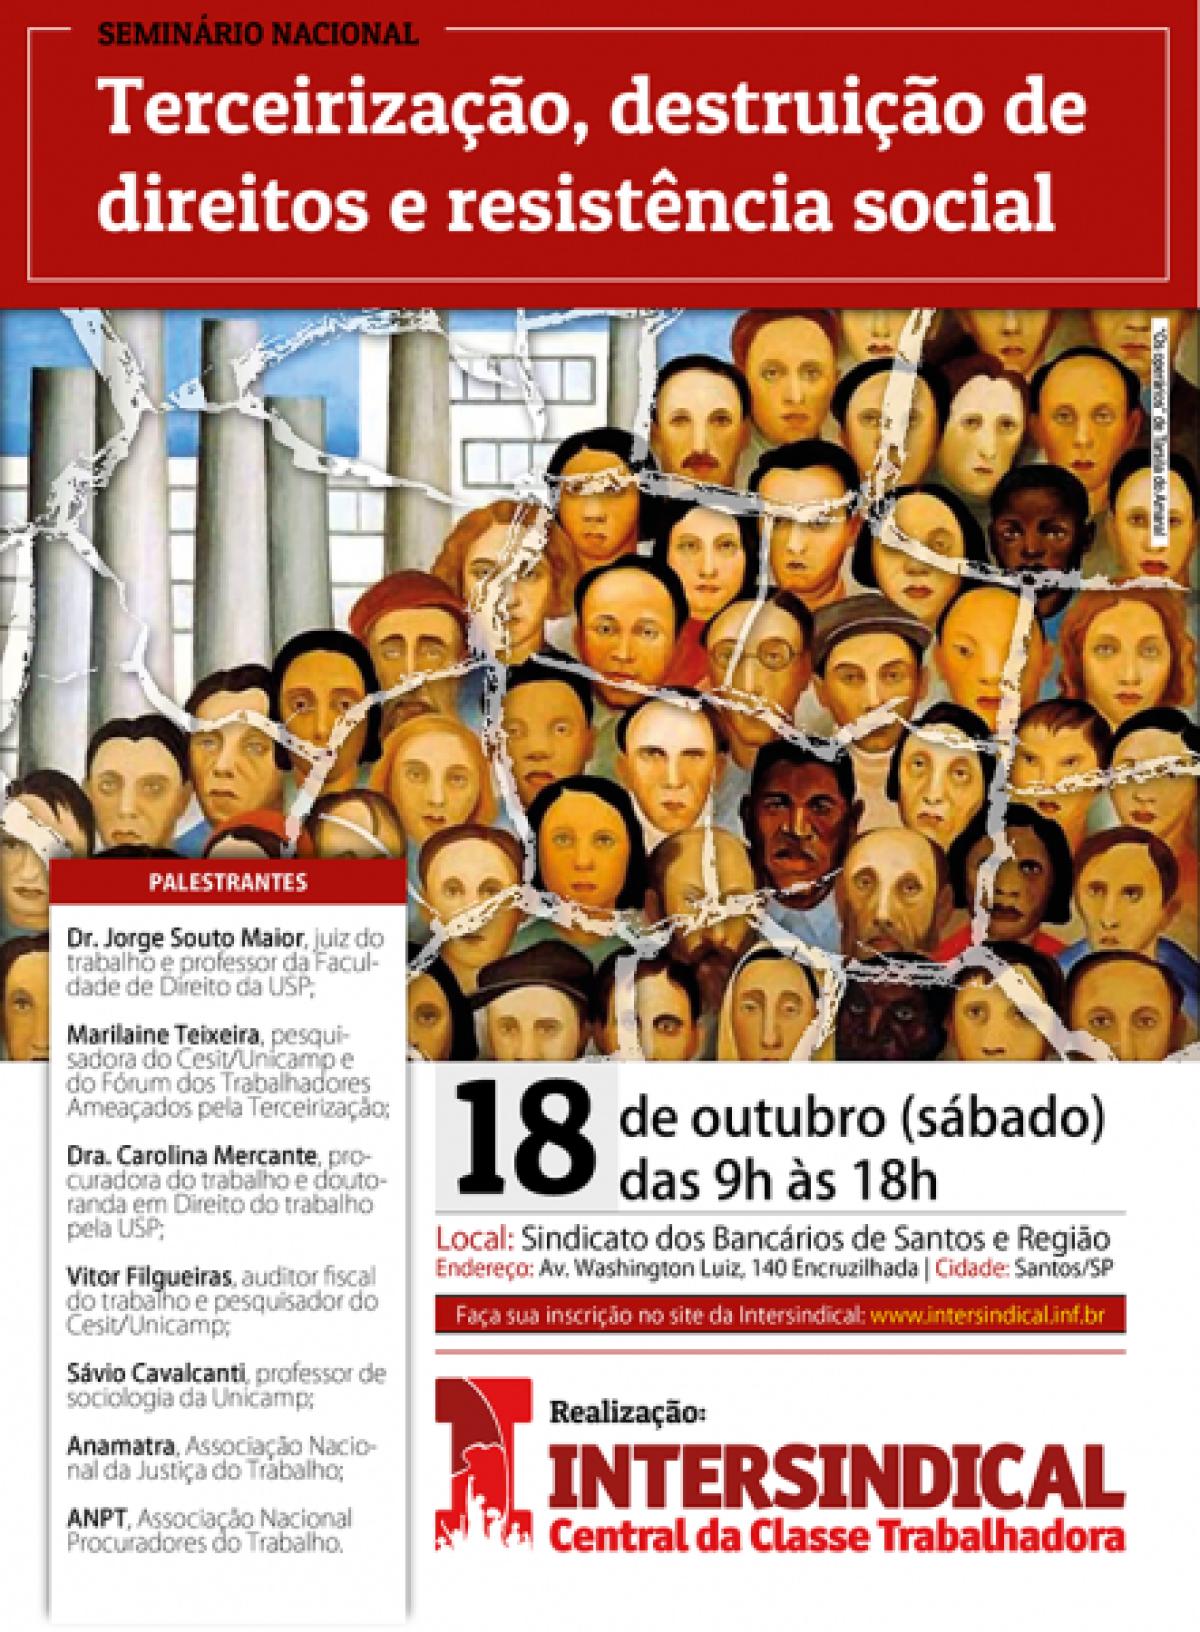 Participe do Seminário Nacional contra a Terceirização, sábado, 18, no Sindicato